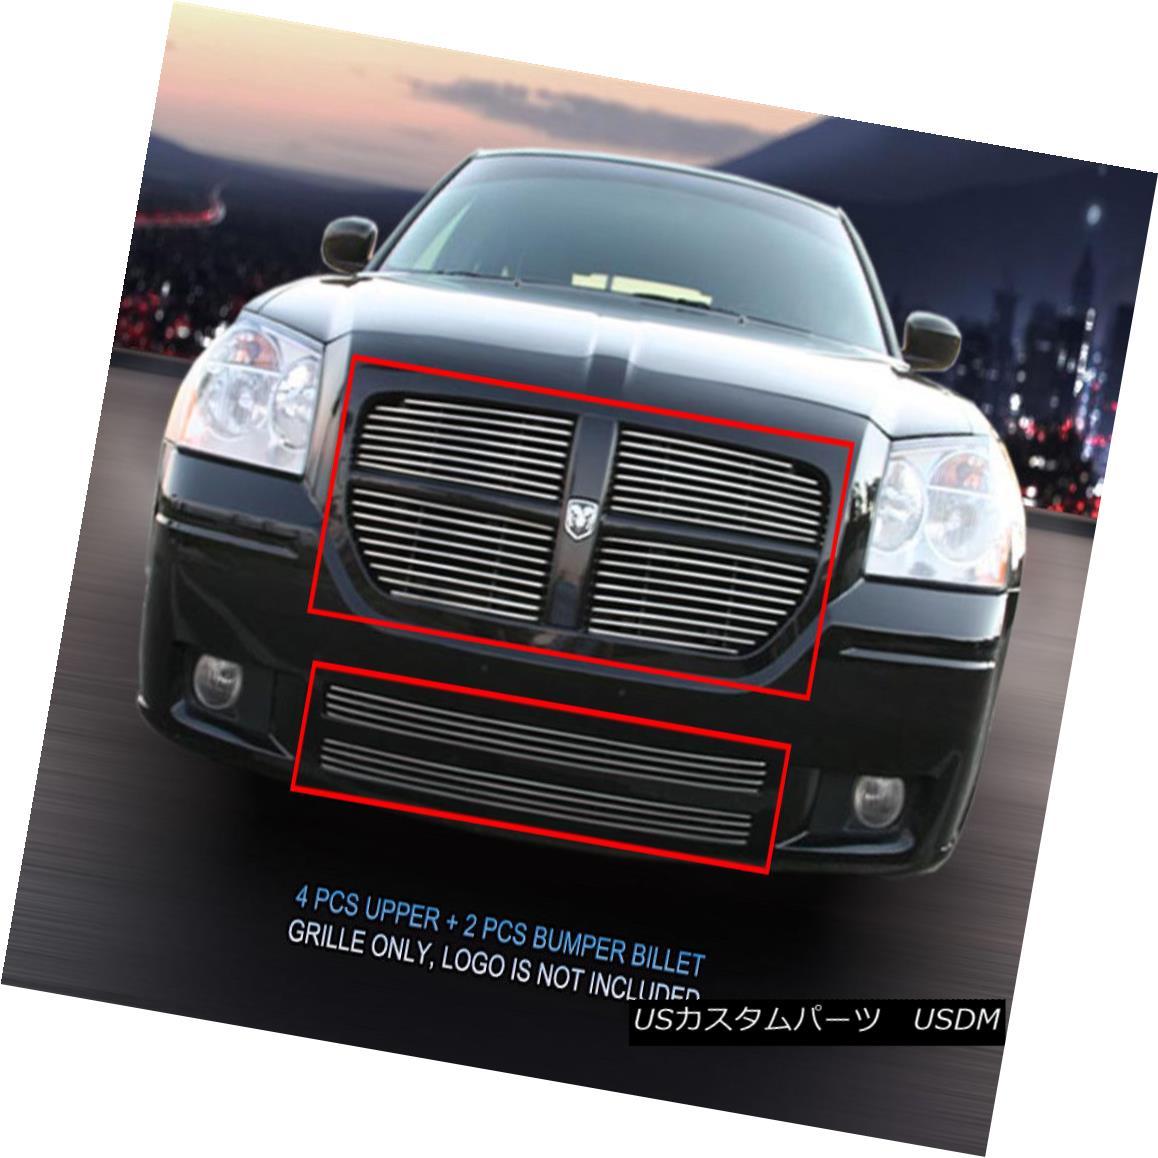 グリル Fedar Fits 2005-2007 Dodge Magnum Polished Insert Billet Grille Combo Fedar、2005-2007 Dodge Magnum研磨インサートビレットグリルコンボ